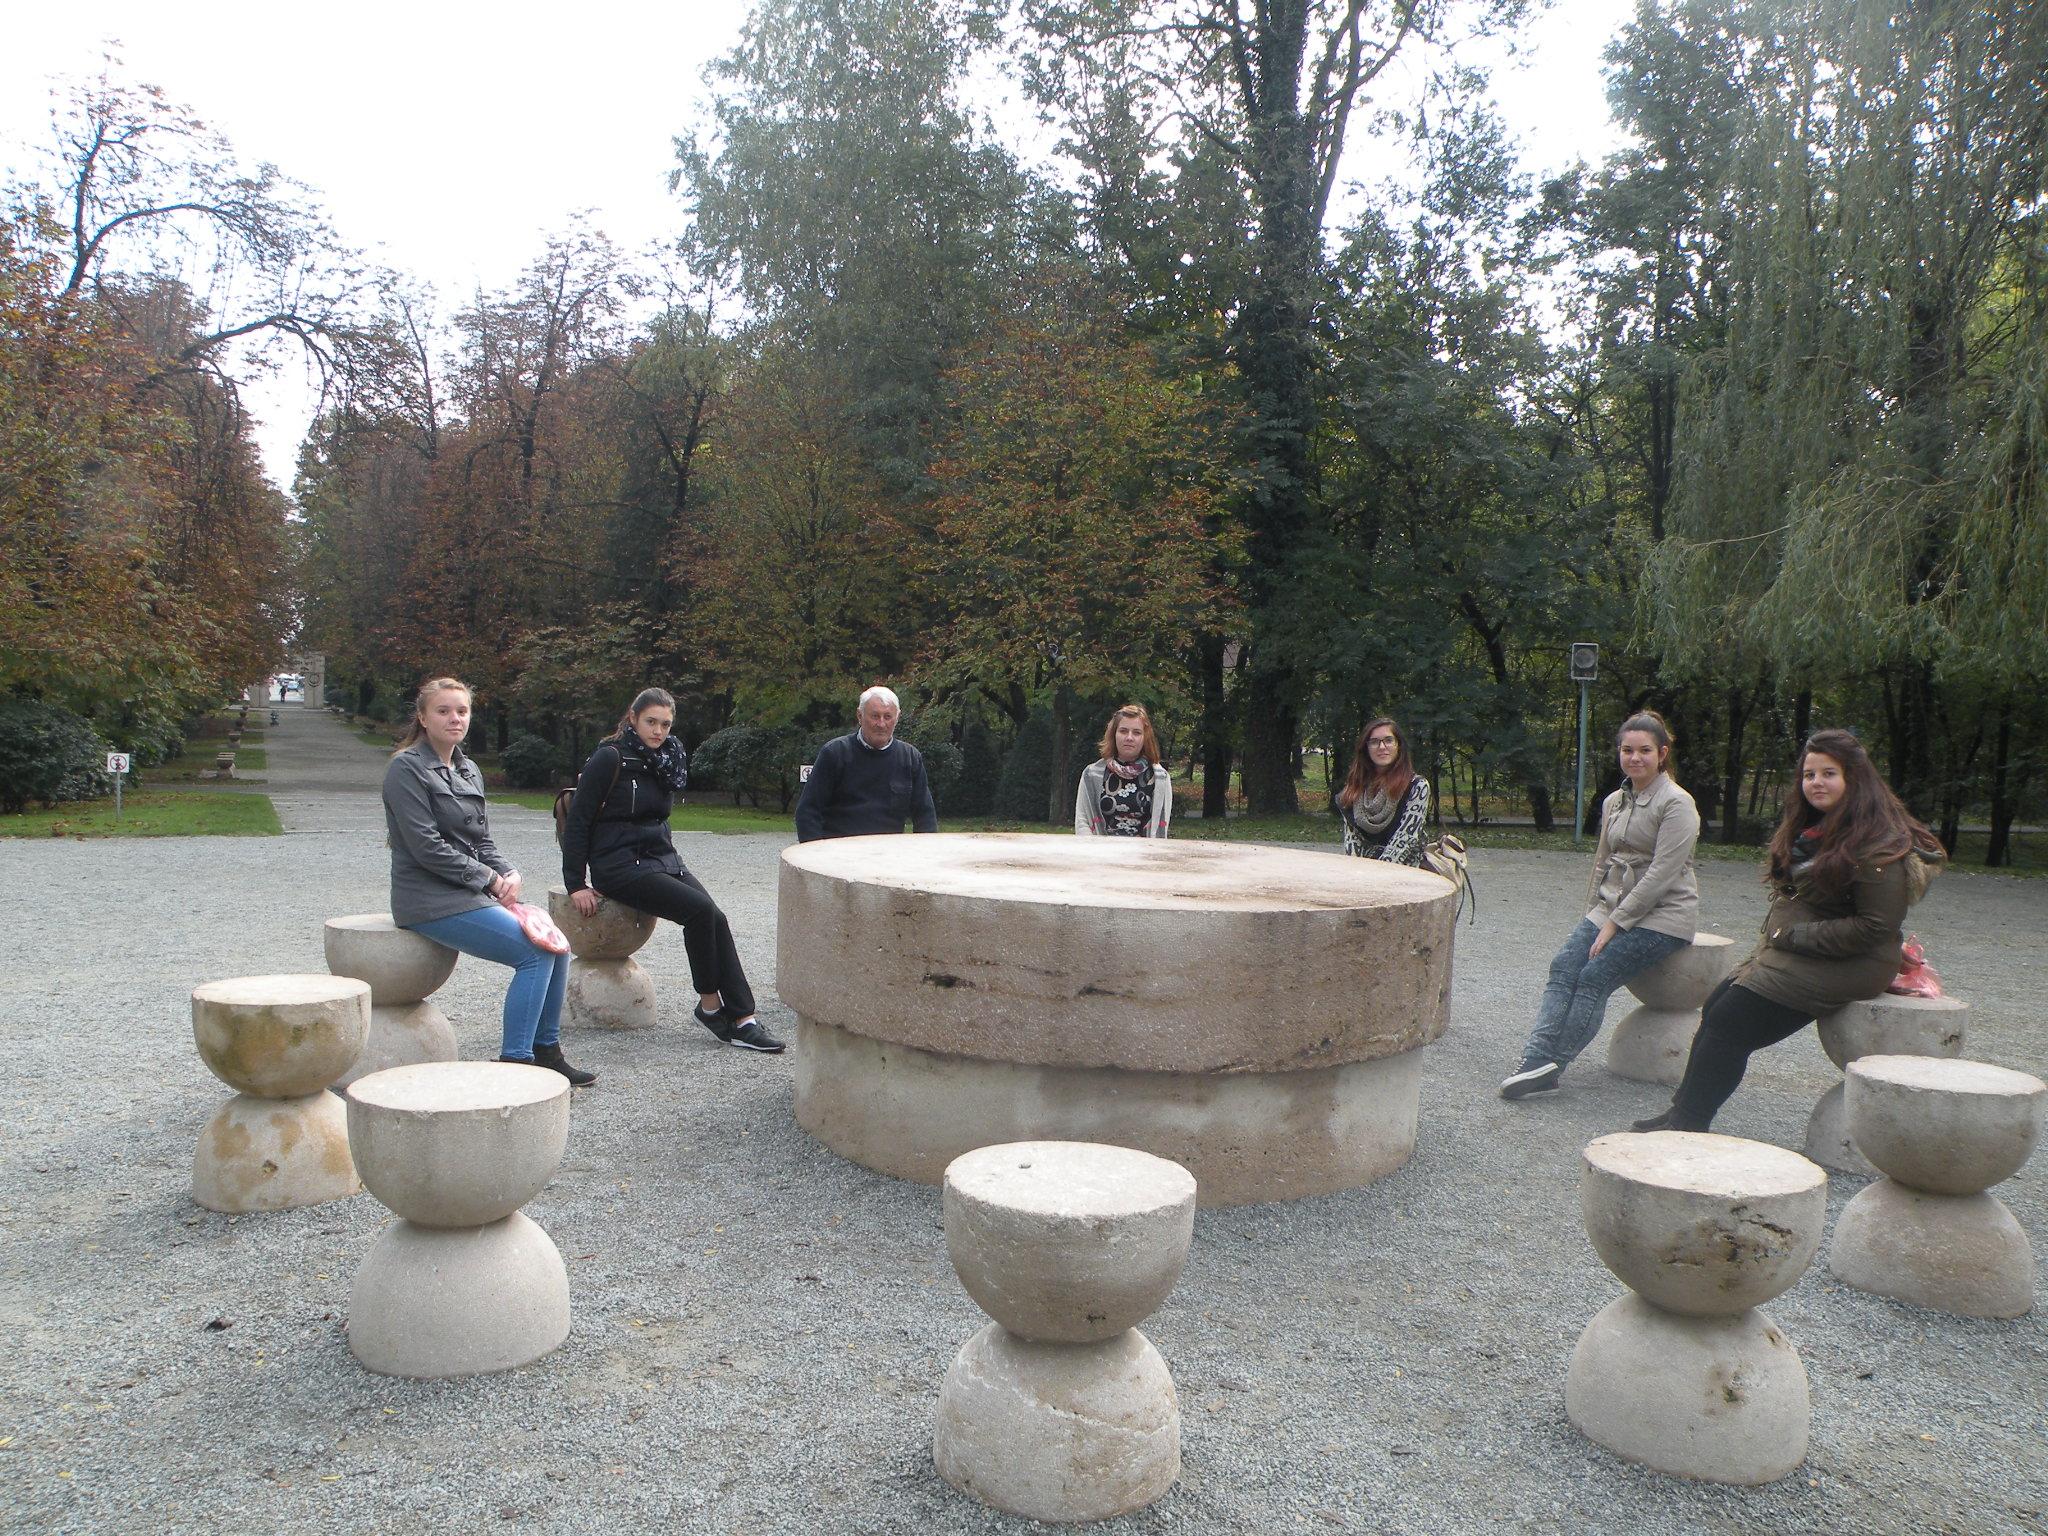 Elevele au ajuns si la Targu Jiu, unde au vizitat operele lui Brancusi